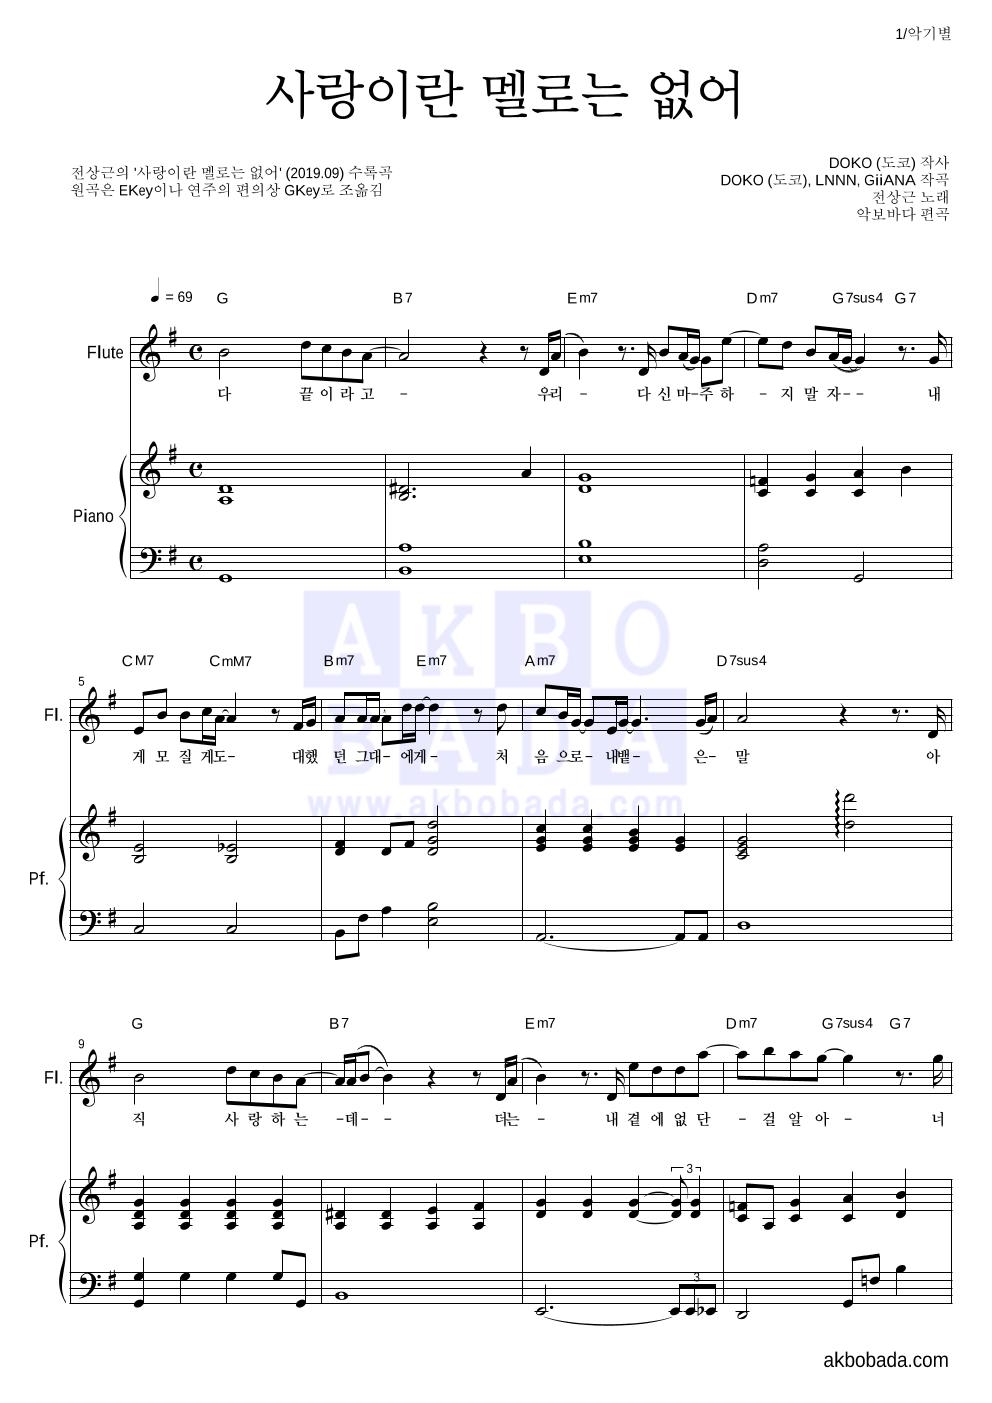 전상근 - 사랑이란 멜로는 없어 플룻&피아노 악보